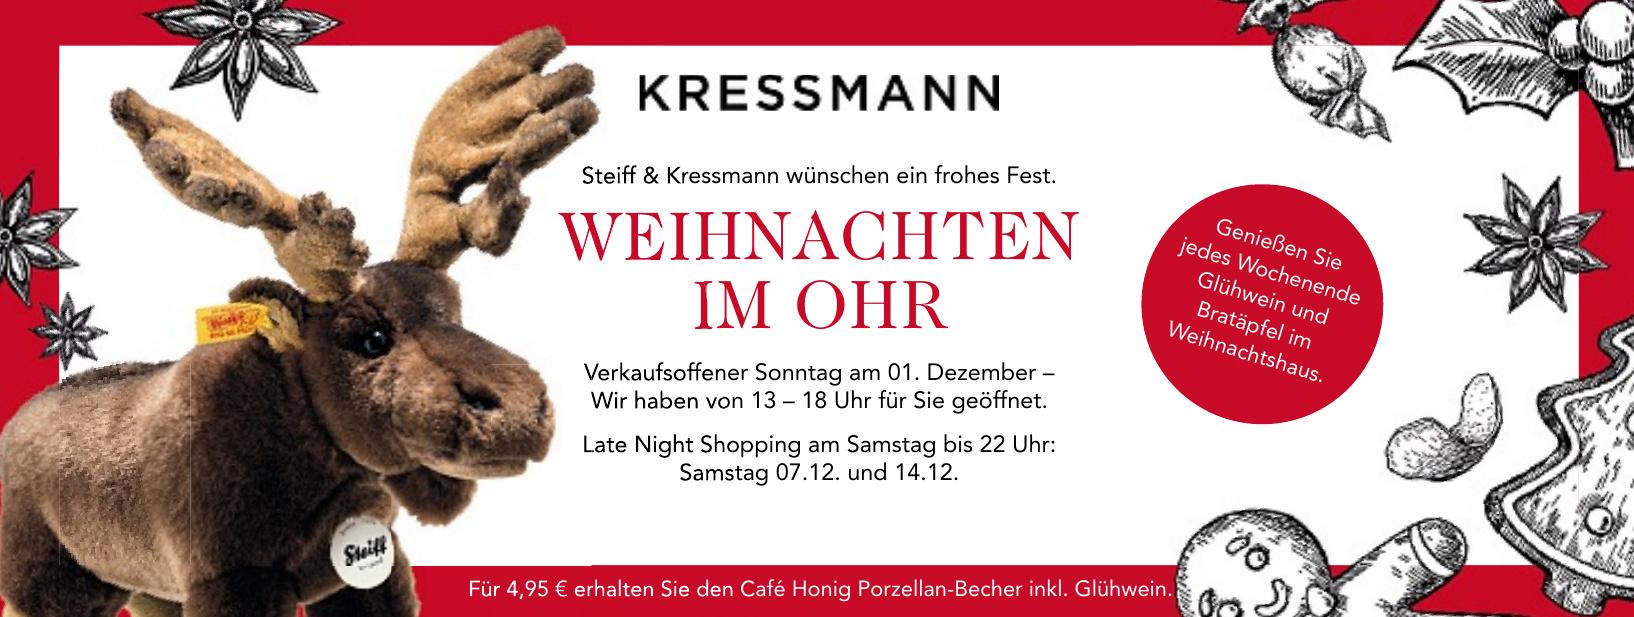 Steiff & Kressmann